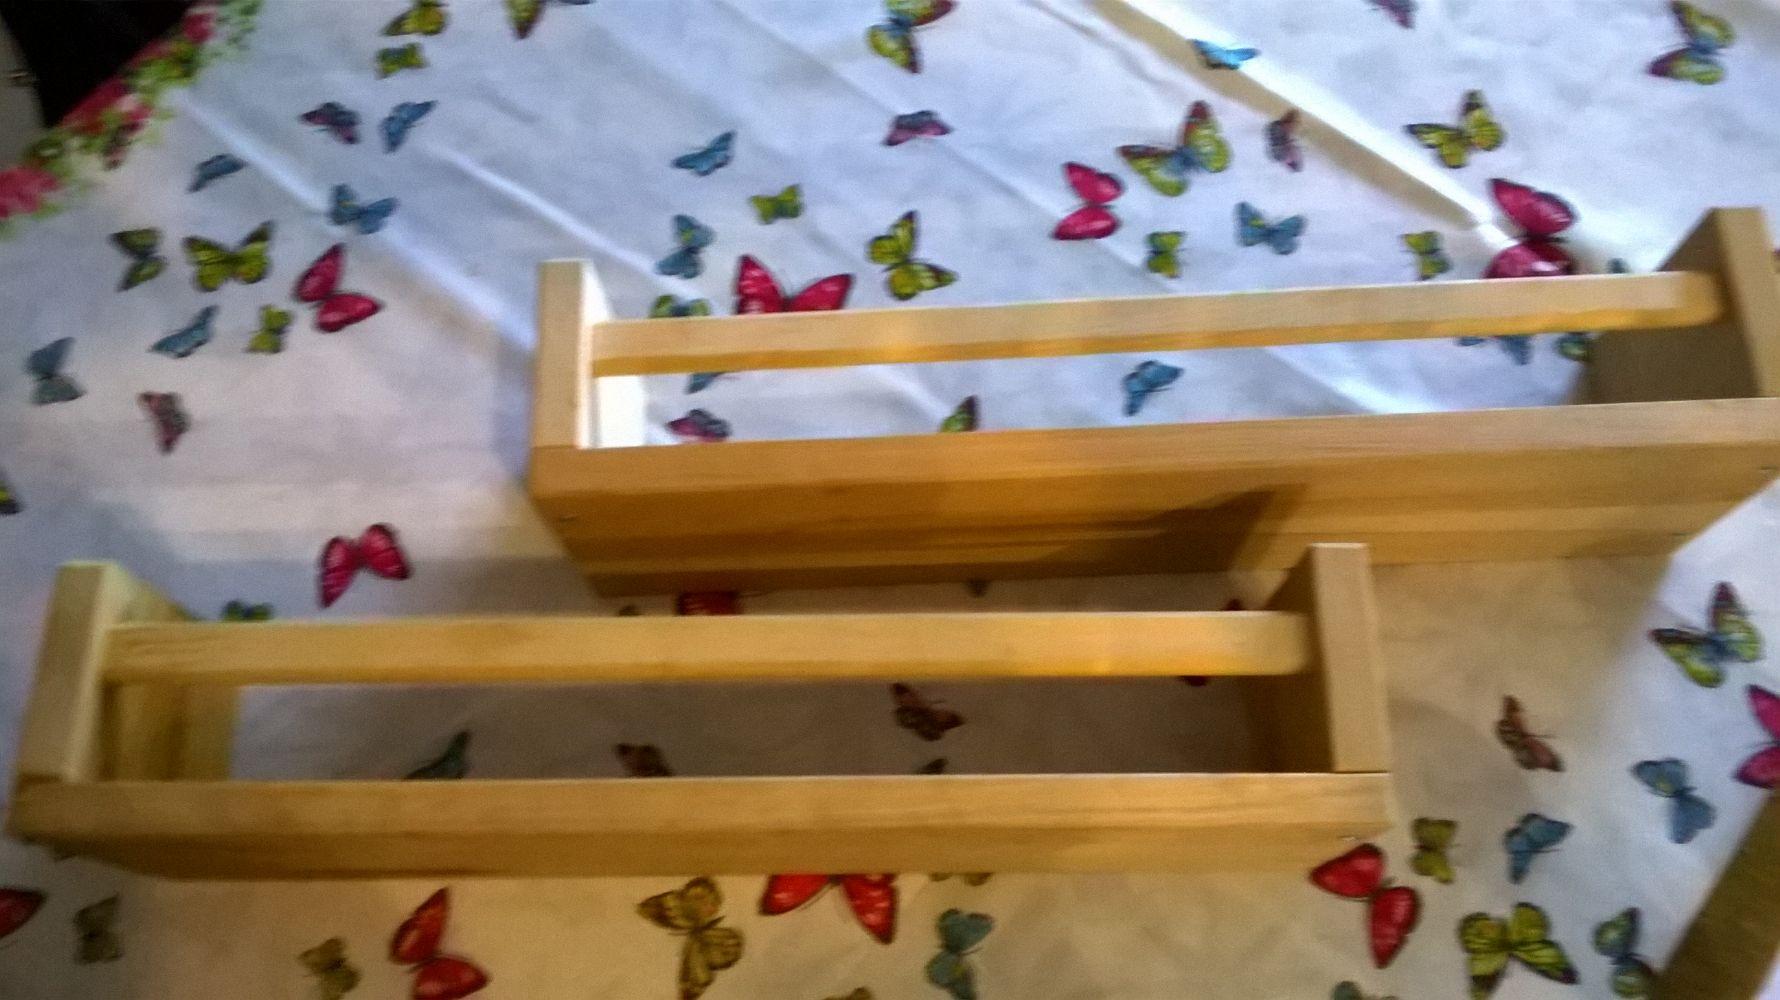 Baratto scambio mensole ikea arredamento complementi d - Ikea complementi d arredo ...